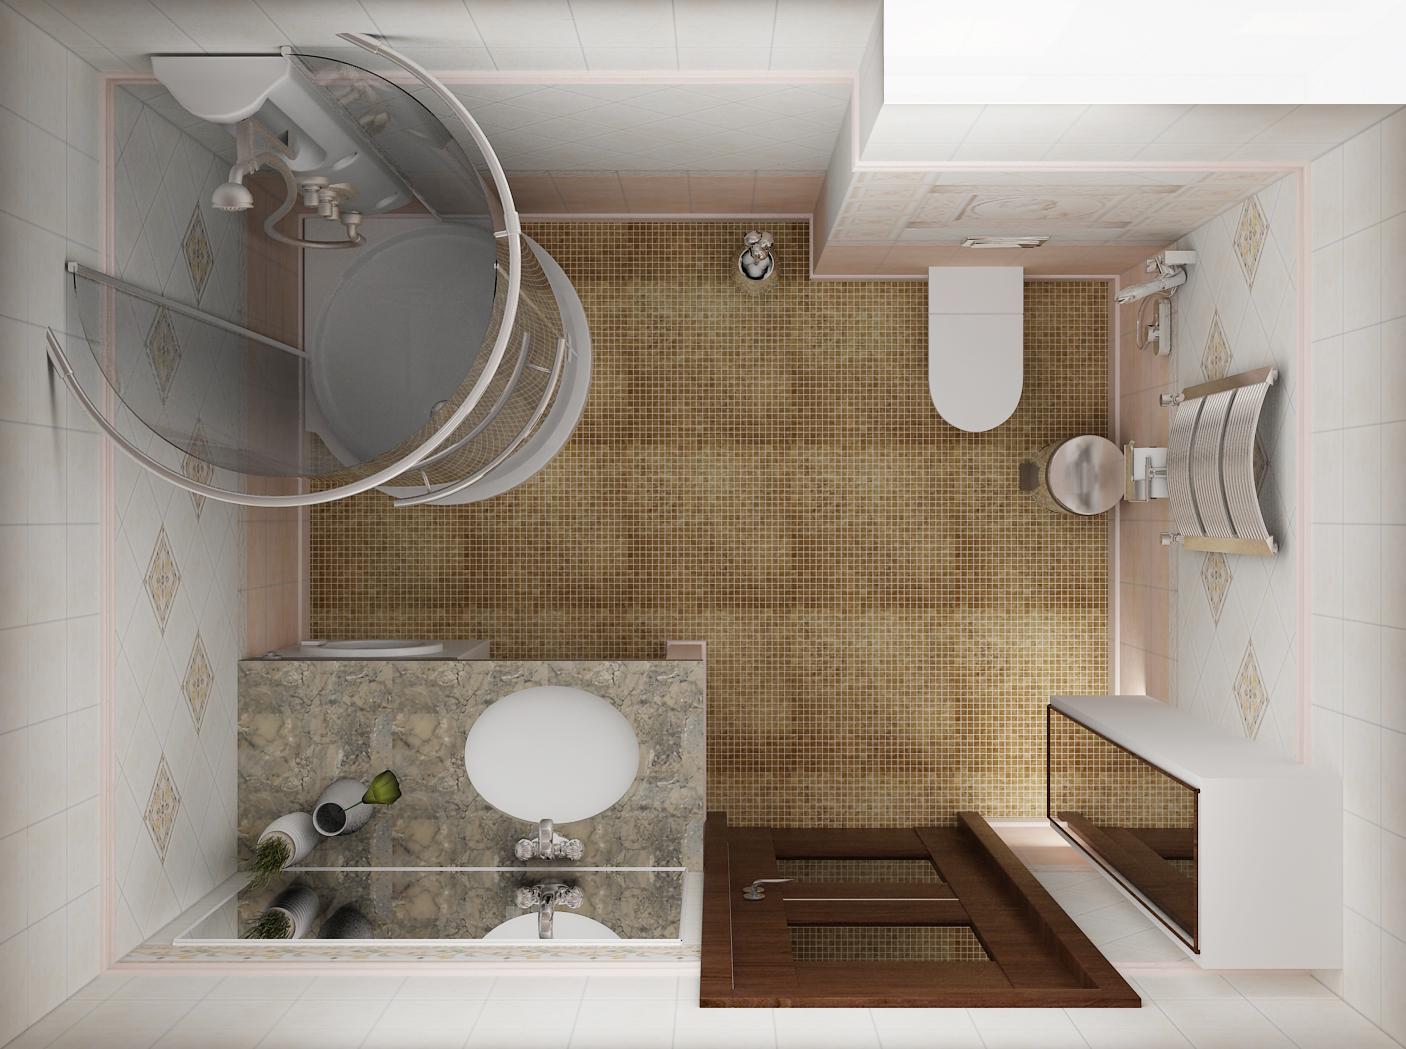 вид ванной комнаты сверху